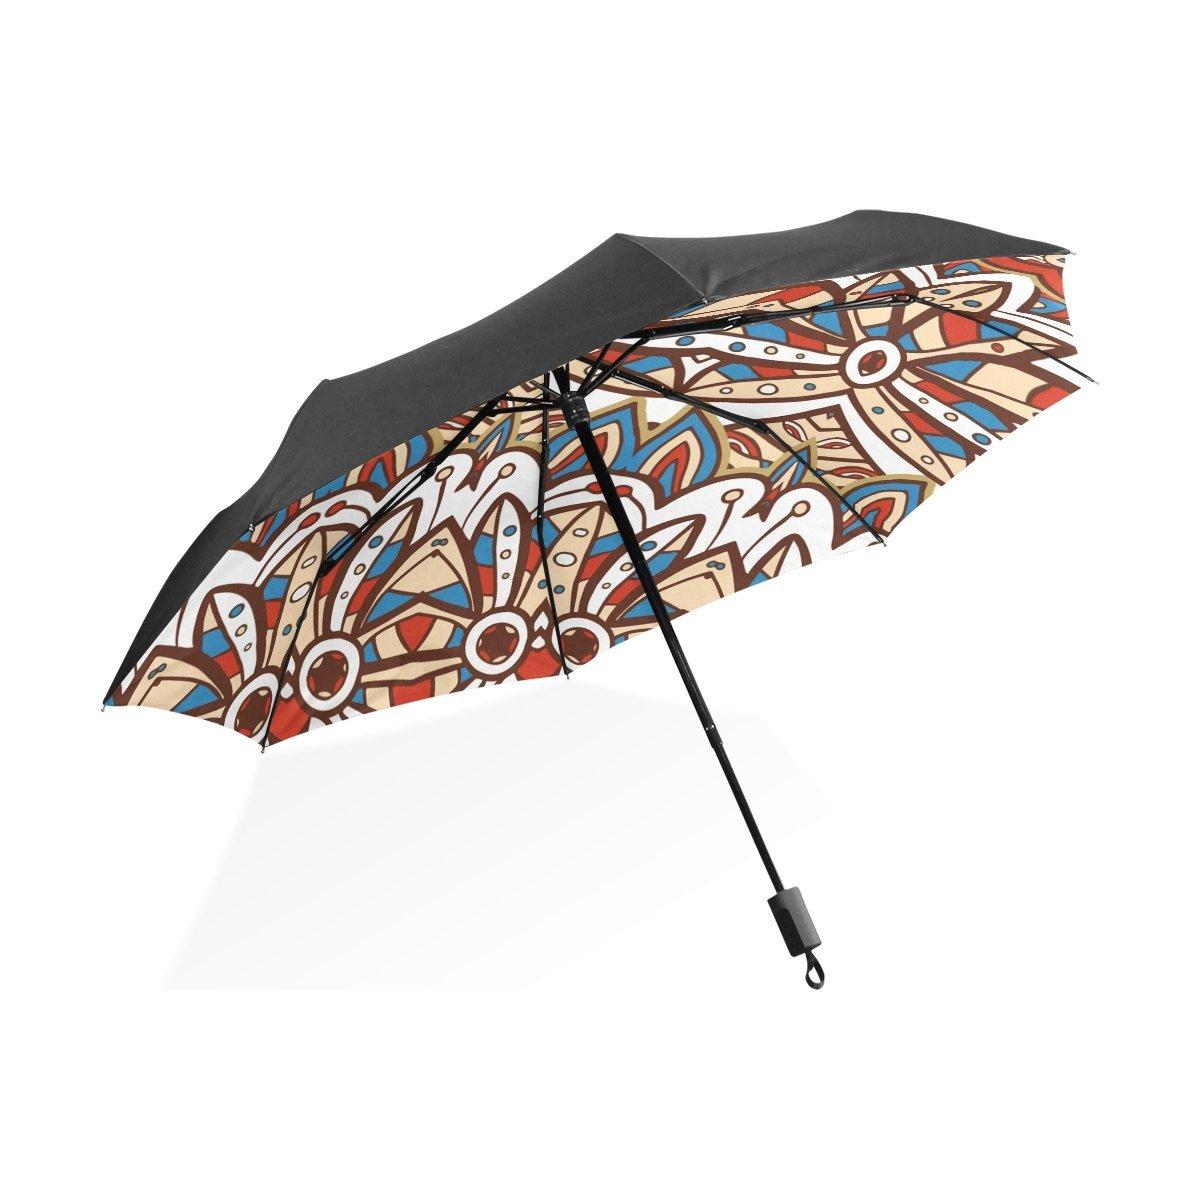 3d5693021c82 Cheap Price Of Umbrella In India, find Price Of Umbrella In India ...